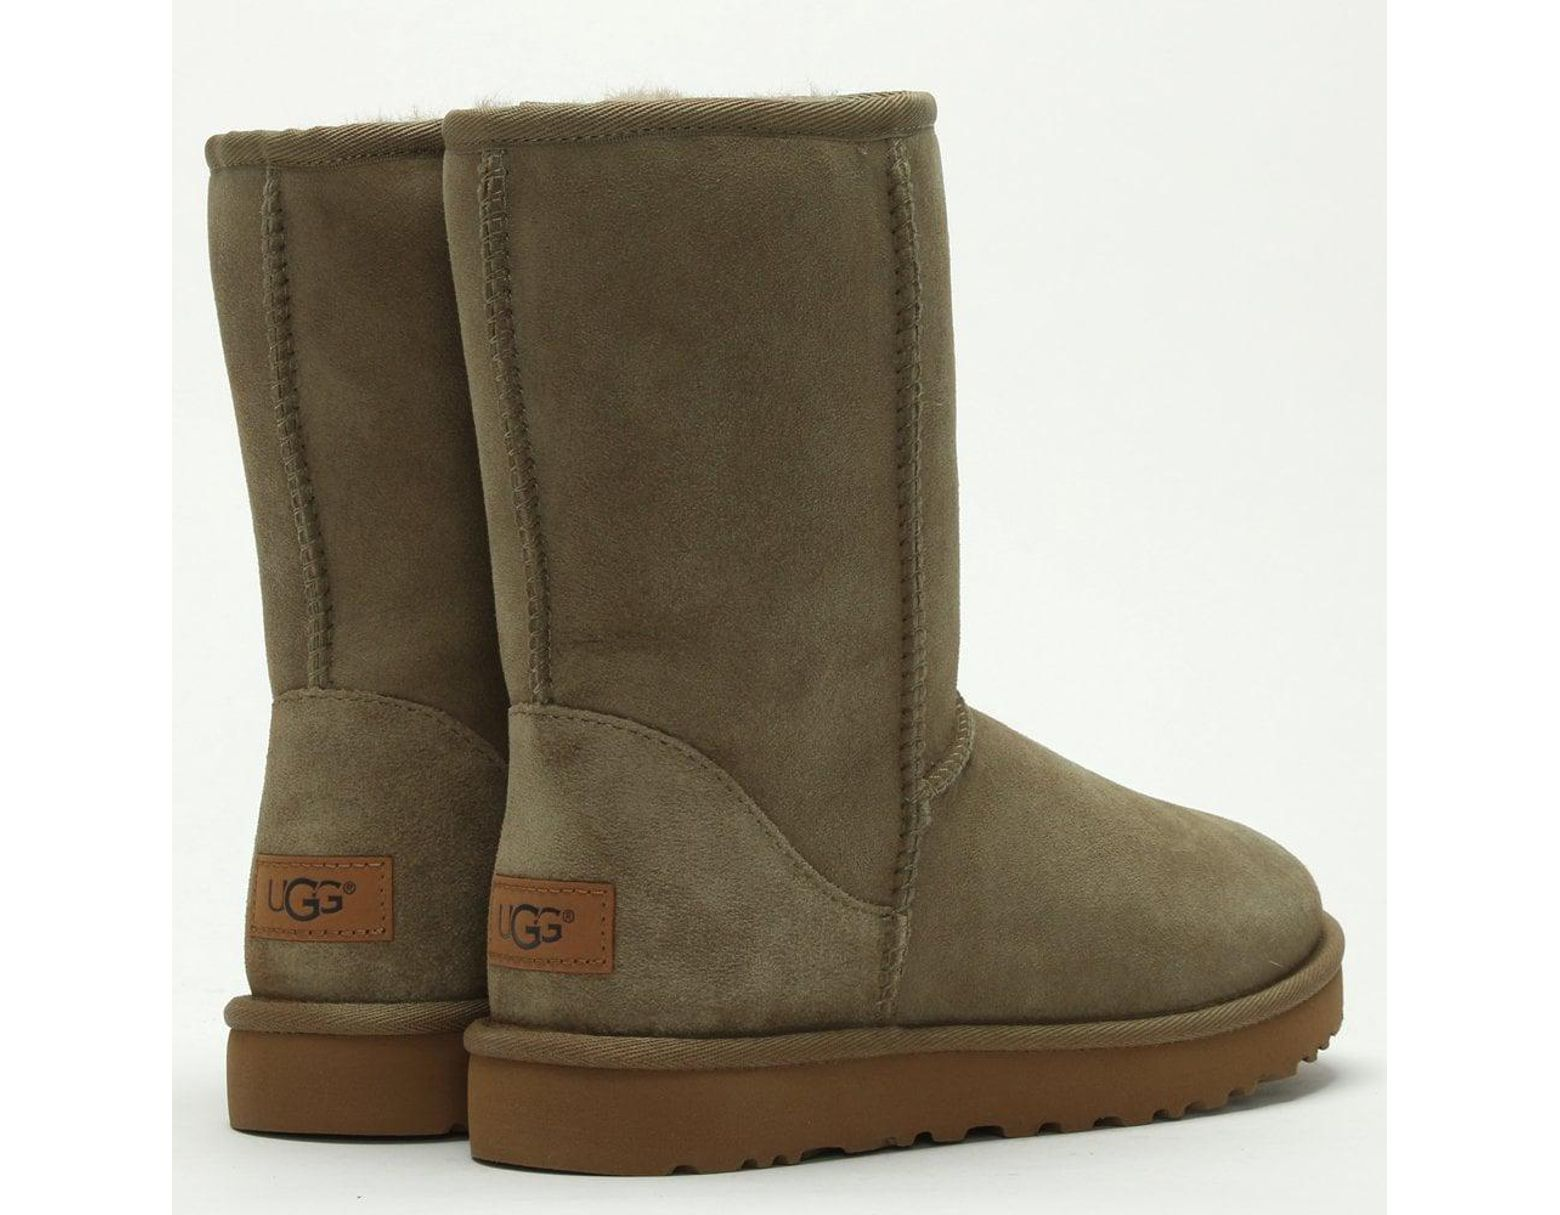 92e64ca661a Women's Green Classic Short Ii Antilope Twinface Boots